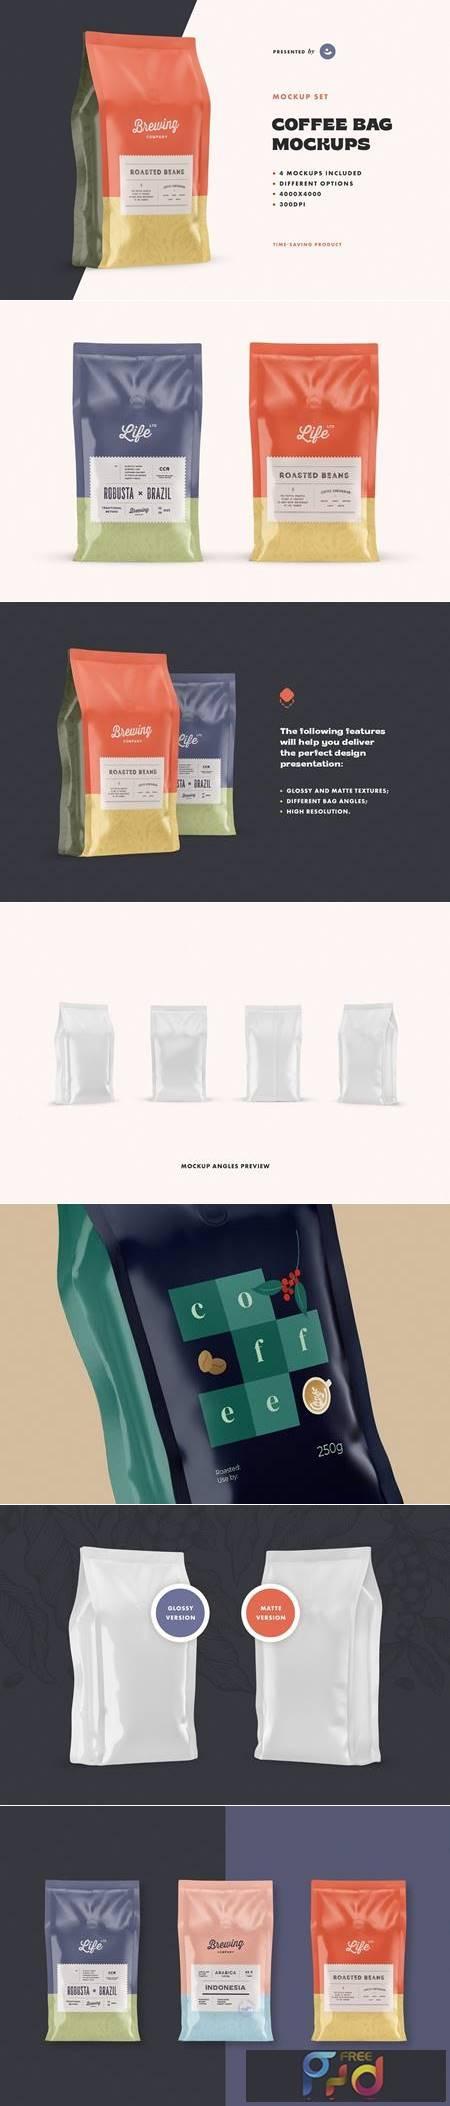 Coffee Bag Mockup Set 5186940 1